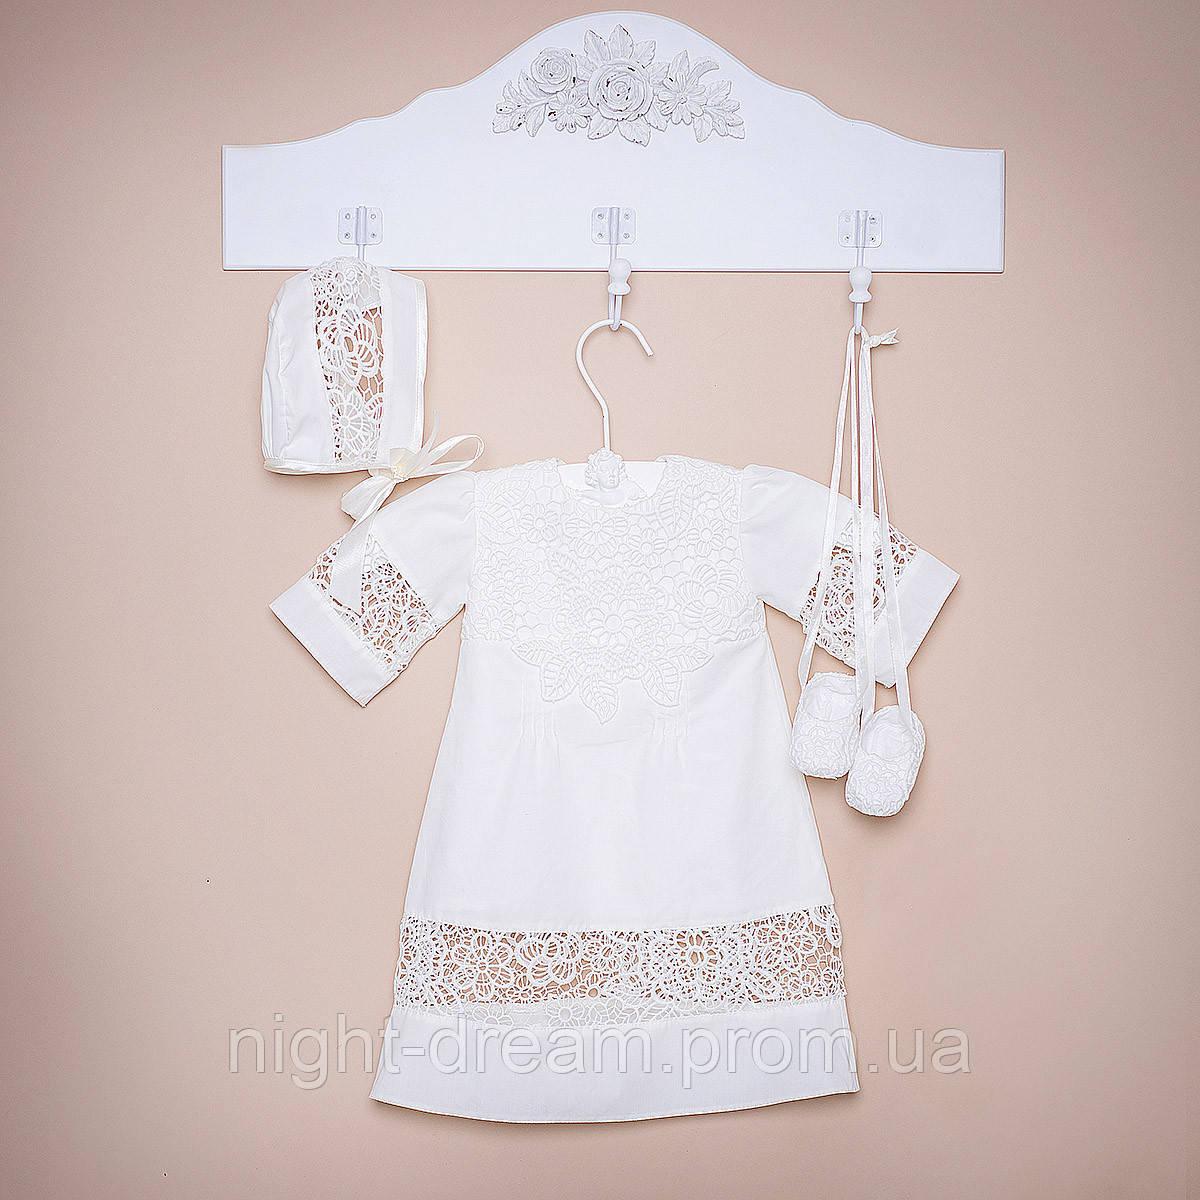 Крестильная рубашка Глаша (Глафира) от Miminobaby молочная от 18 до 24 месяцев